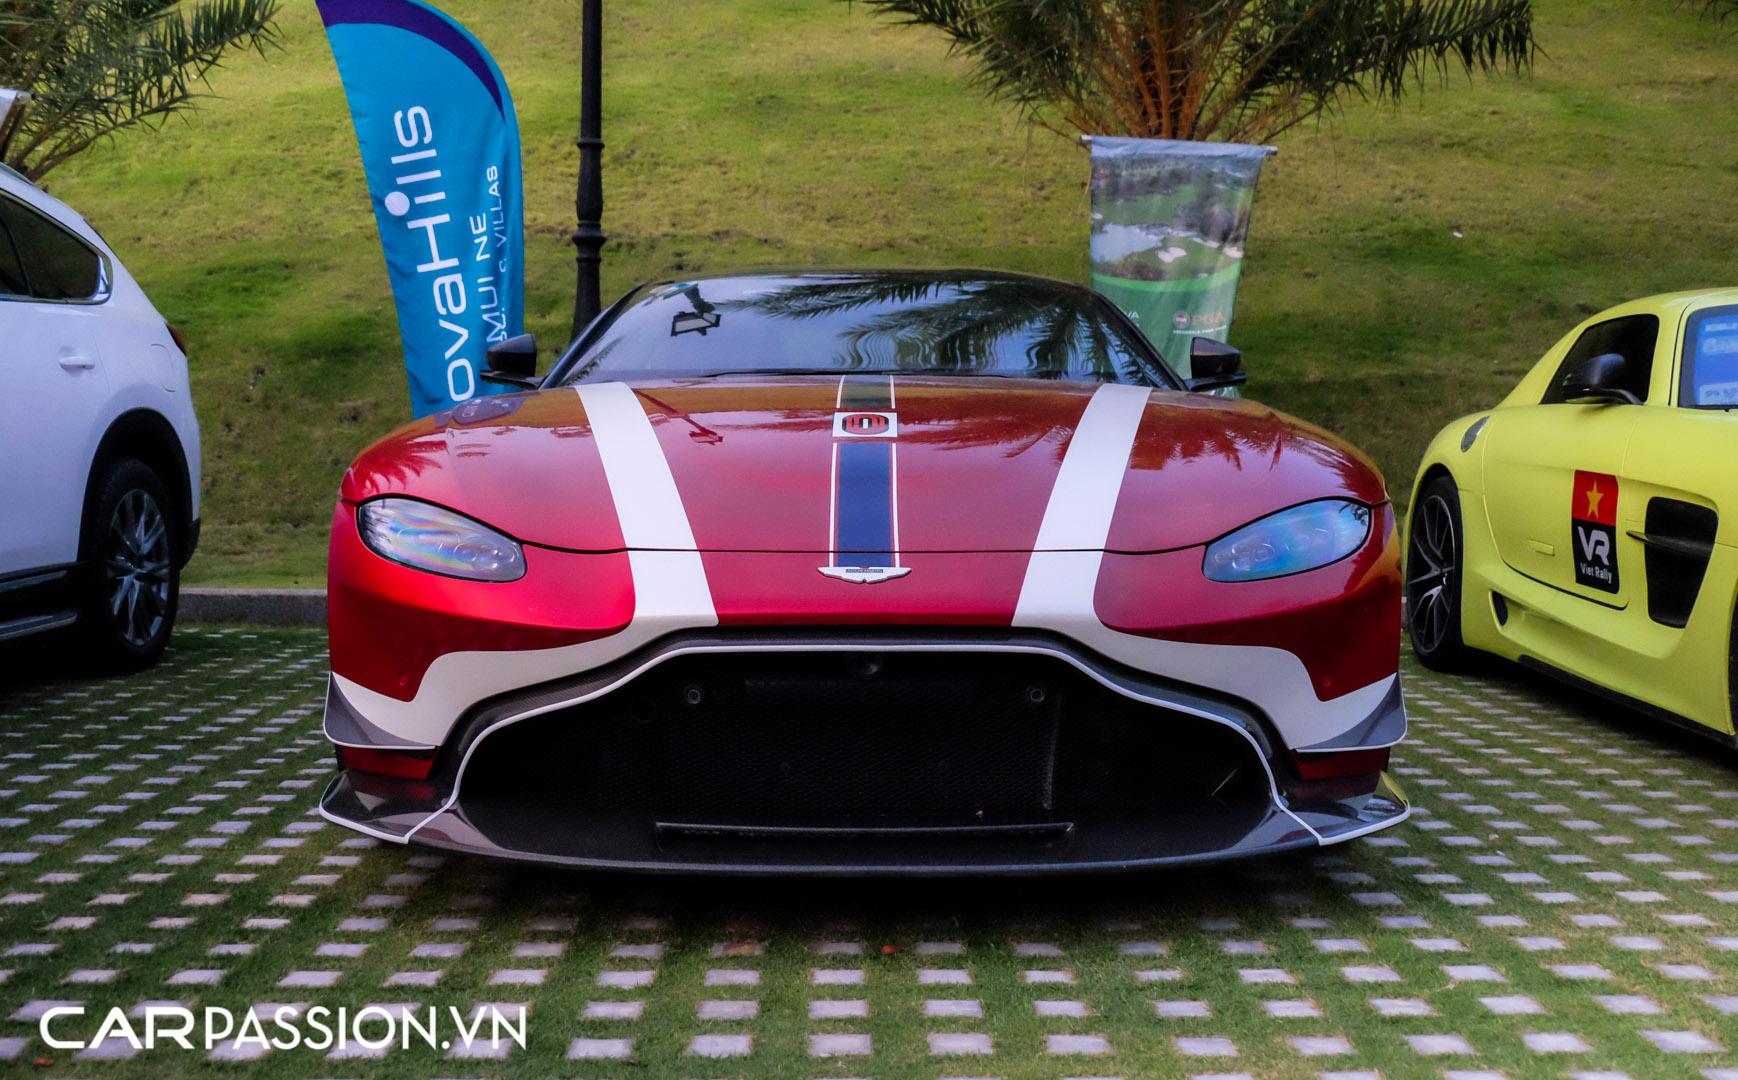 Aston Martin Vantage của doanh nhân Phạm Trần Nhật Minh (14).JPG